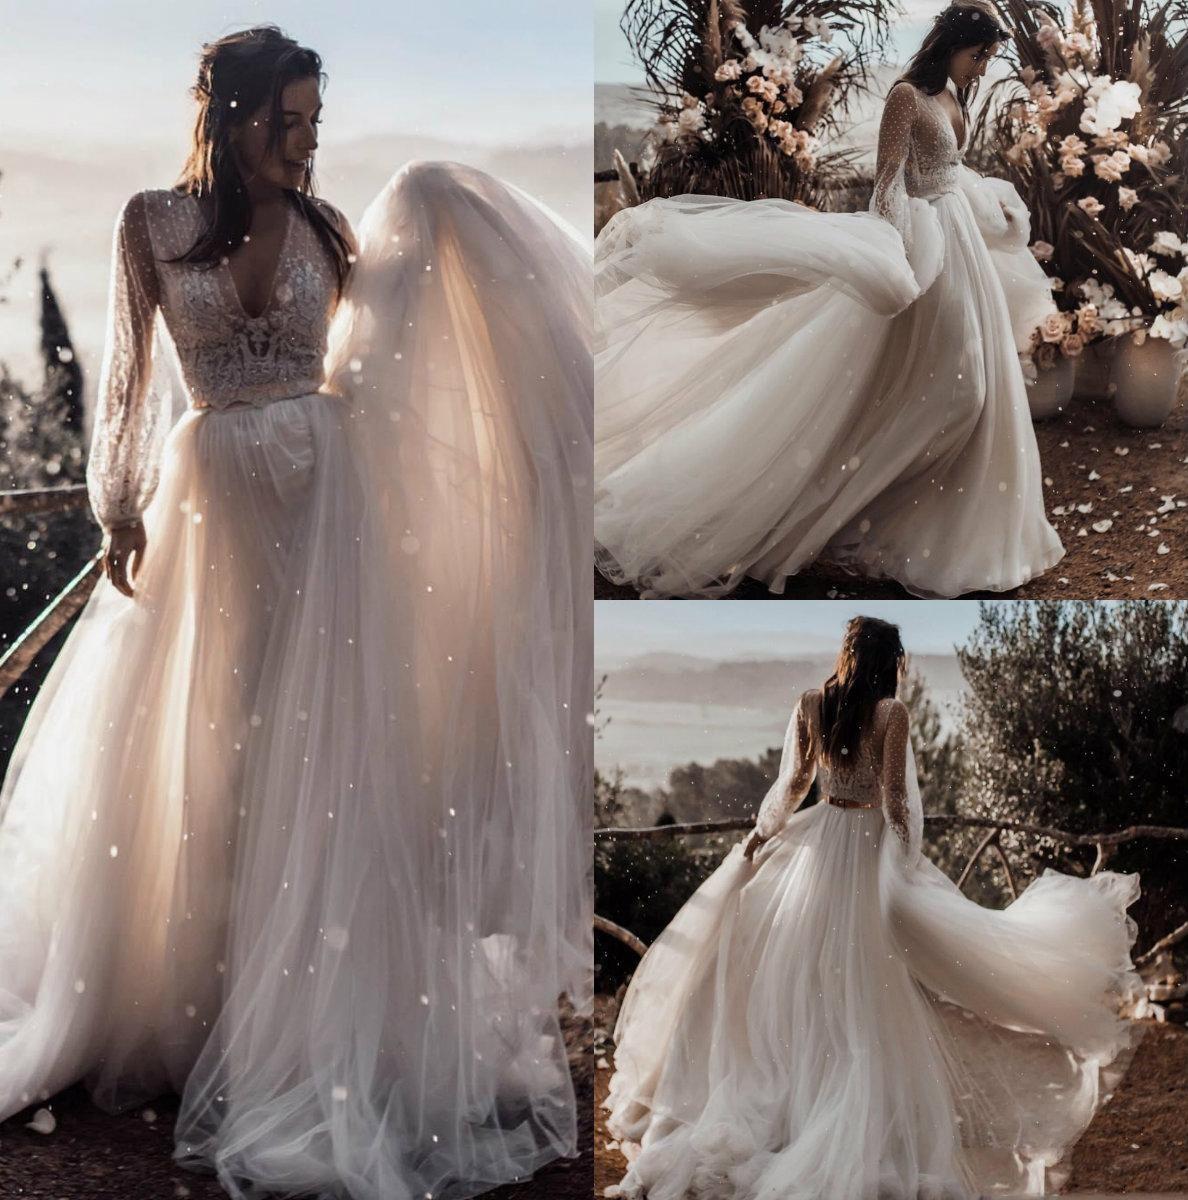 Сексуальные двухсекционные свадебные платья Глубокий V шеи с длинными рукавами пляжные свадебные платья 2019 дешевые плюс размер